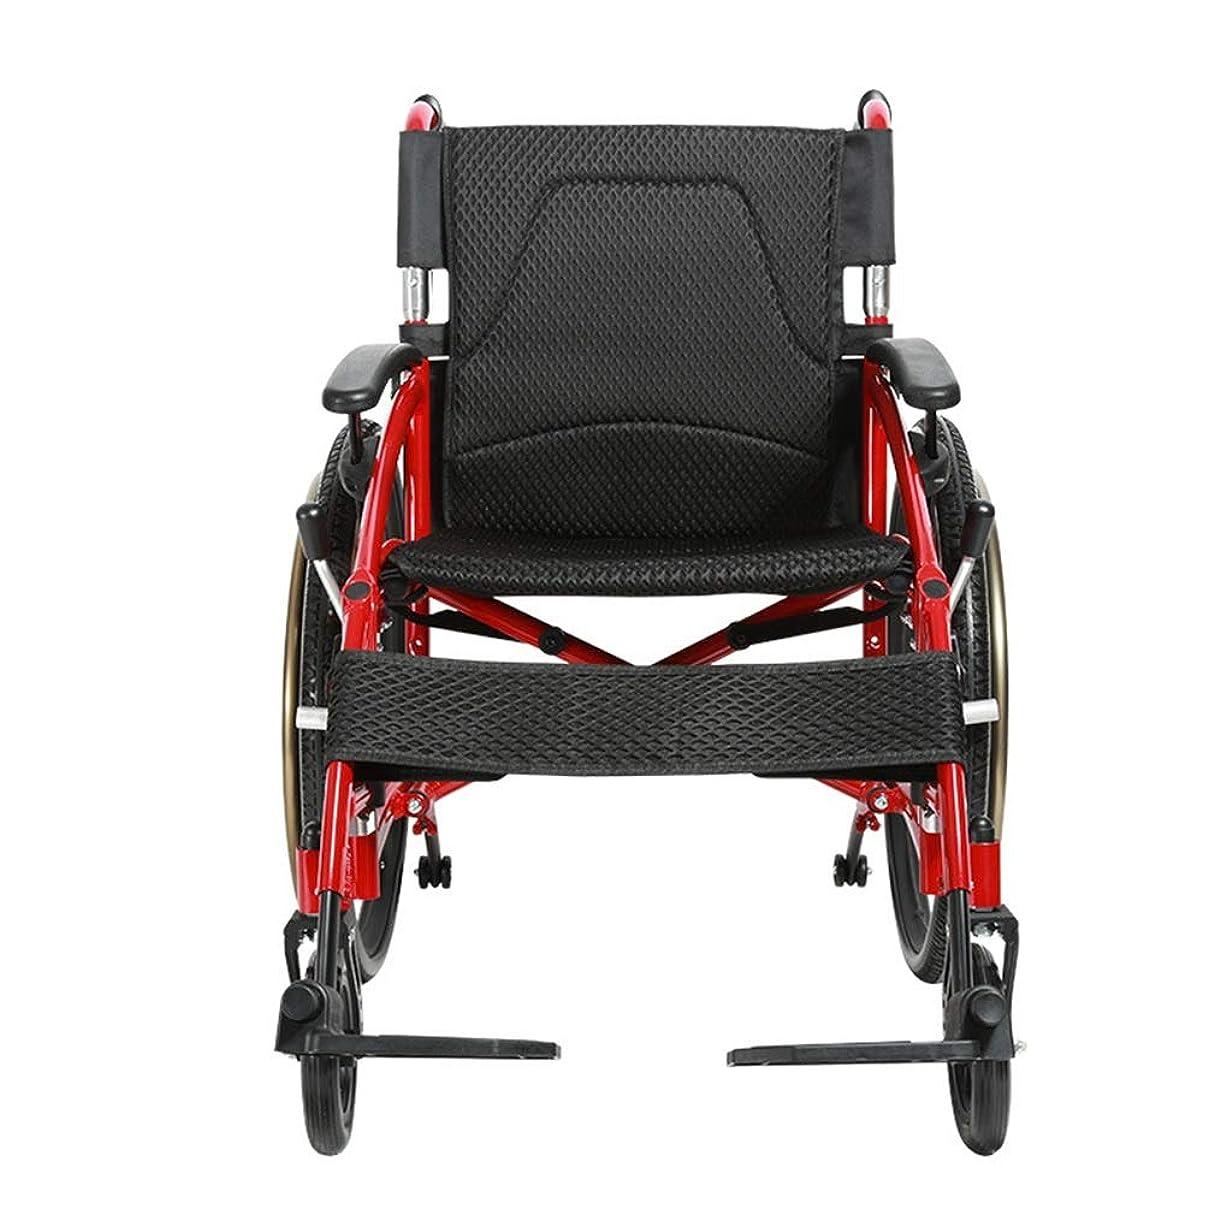 診断する謎整理する車椅子折りたたみ超軽量アルミニウム合金、高齢者向け車椅子、多目的トロリー